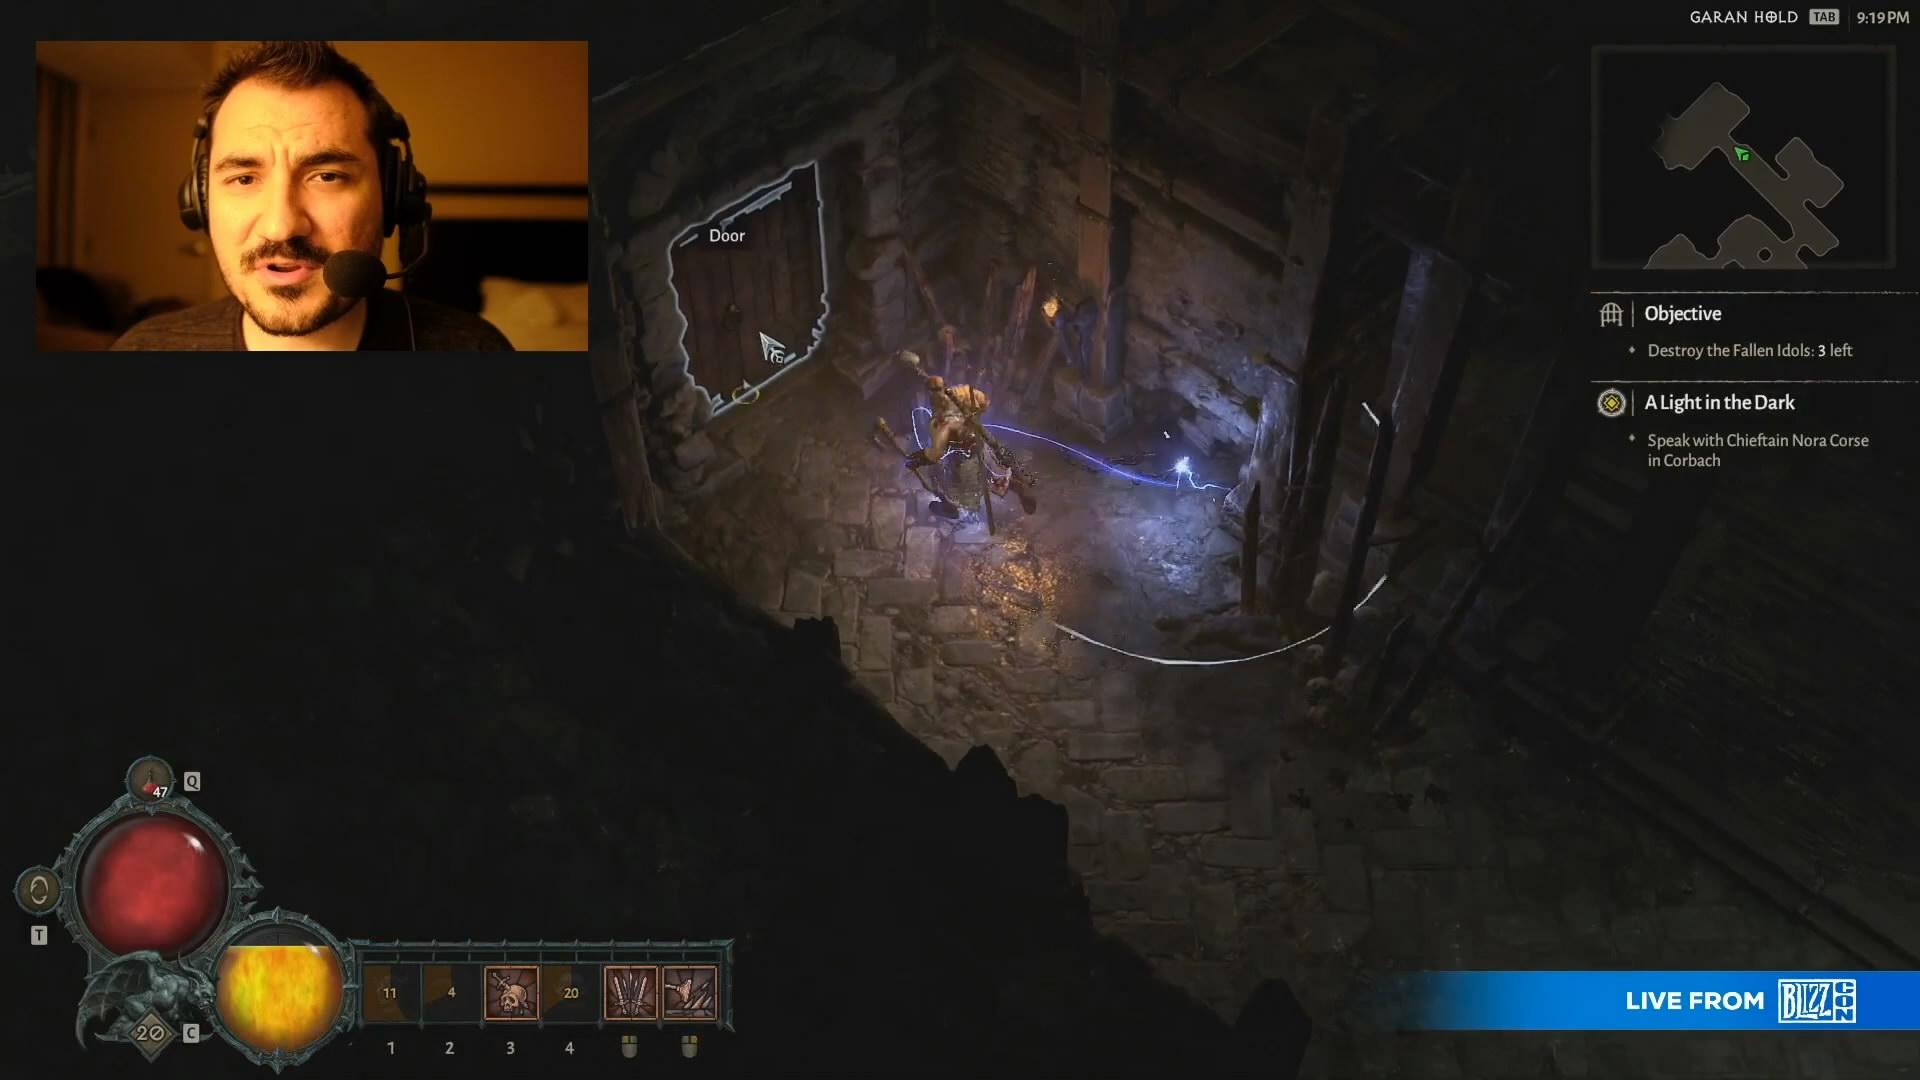 《暗黑4》野蛮人/德鲁伊试玩视频 游戏性和画面真棒